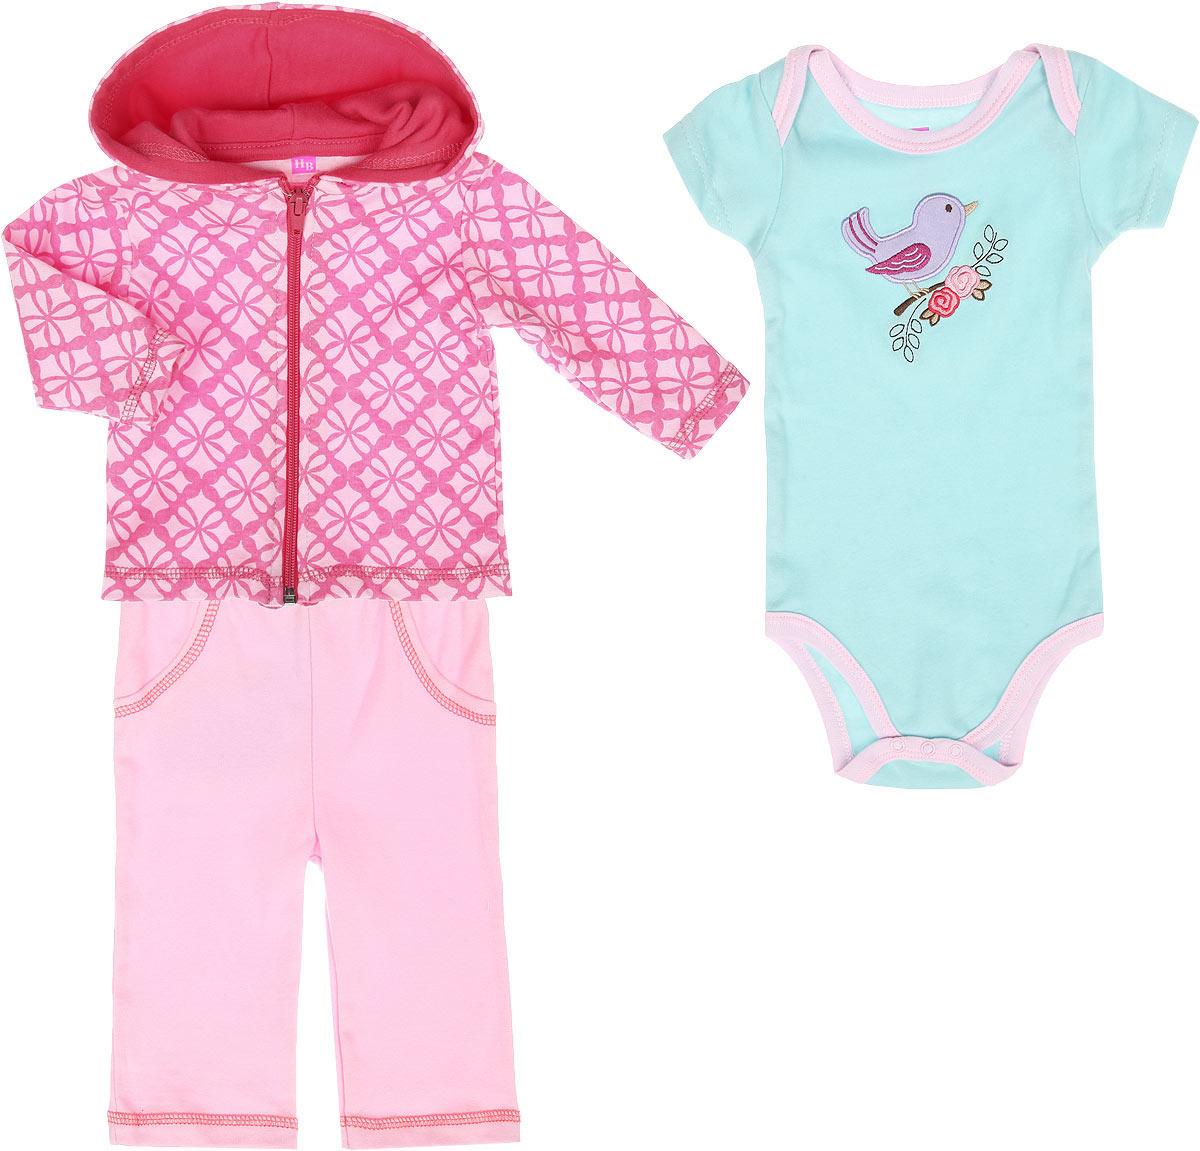 Комплект для девочки Hudson Baby: толстовка, боди-футболка, штанишки, цвет: розовый, бирюзовый. 50549. Возраст 9/12 месяцев боди детское hudson baby hudson baby боди пингвин 3 шт желто голубой